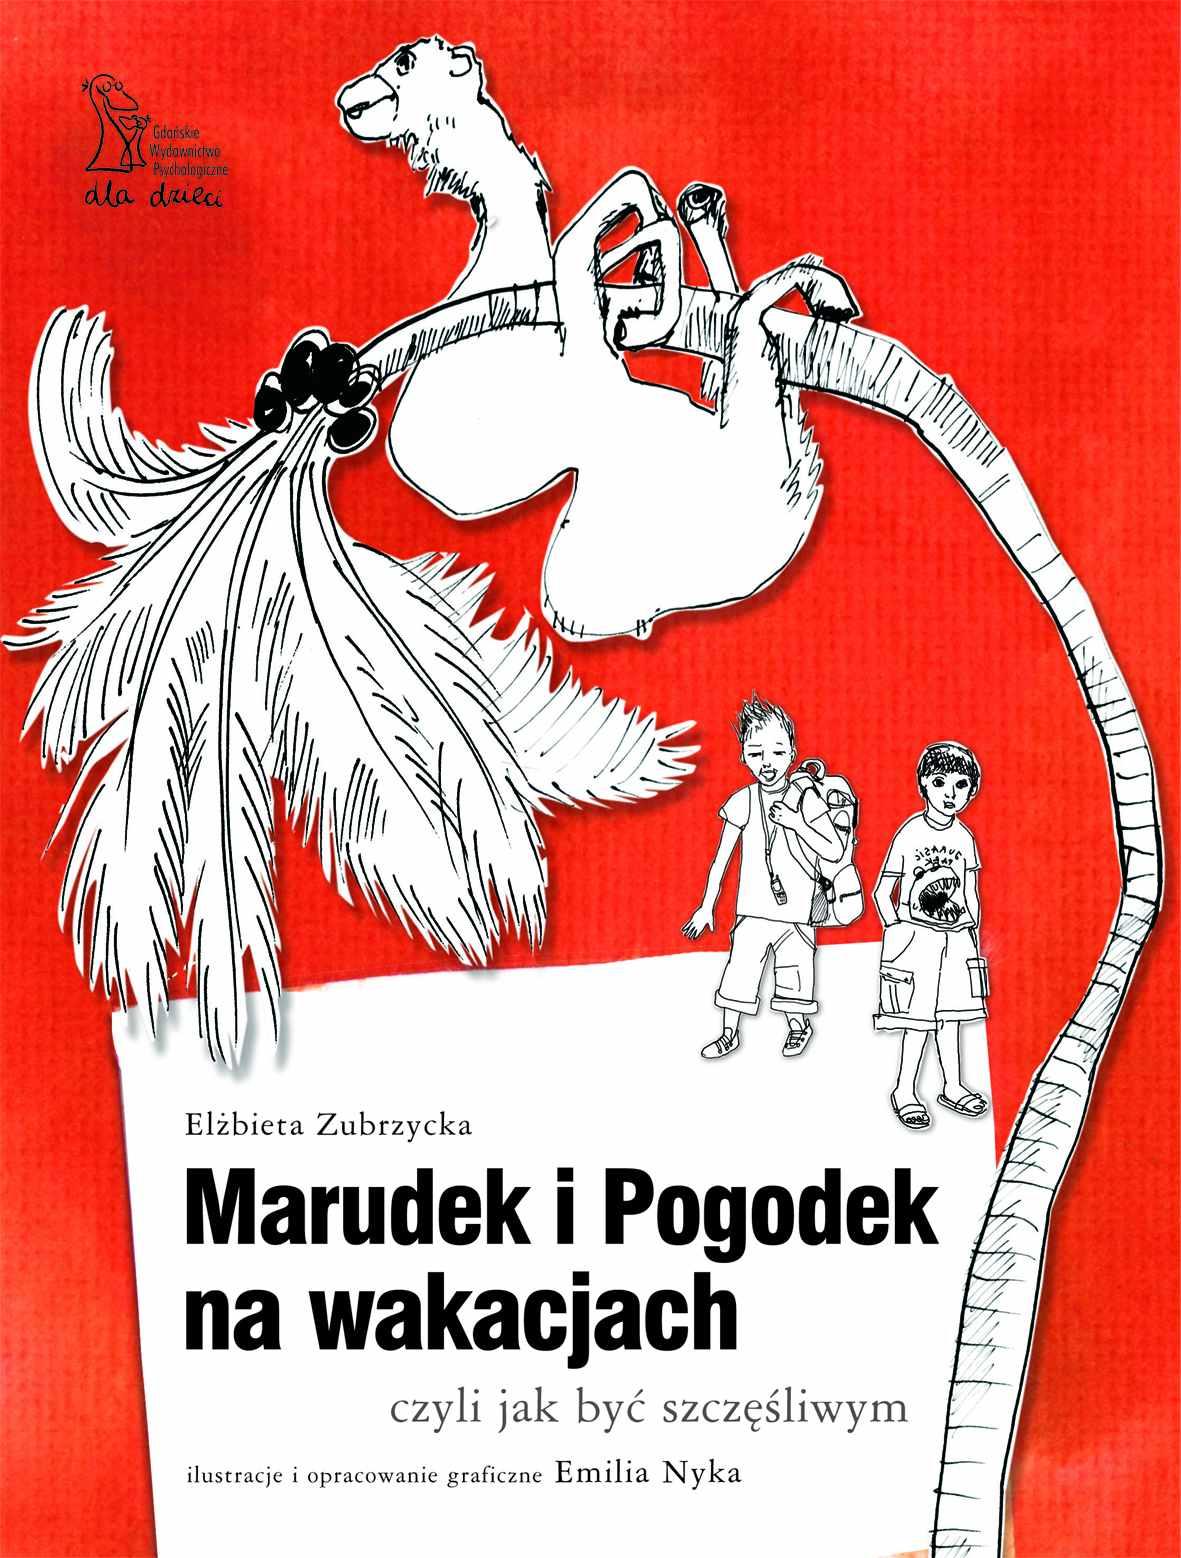 Marudek i Pogodek na wakacjach, czyli jak być szczęśliwym - Ebook (Książka PDF) do pobrania w formacie PDF